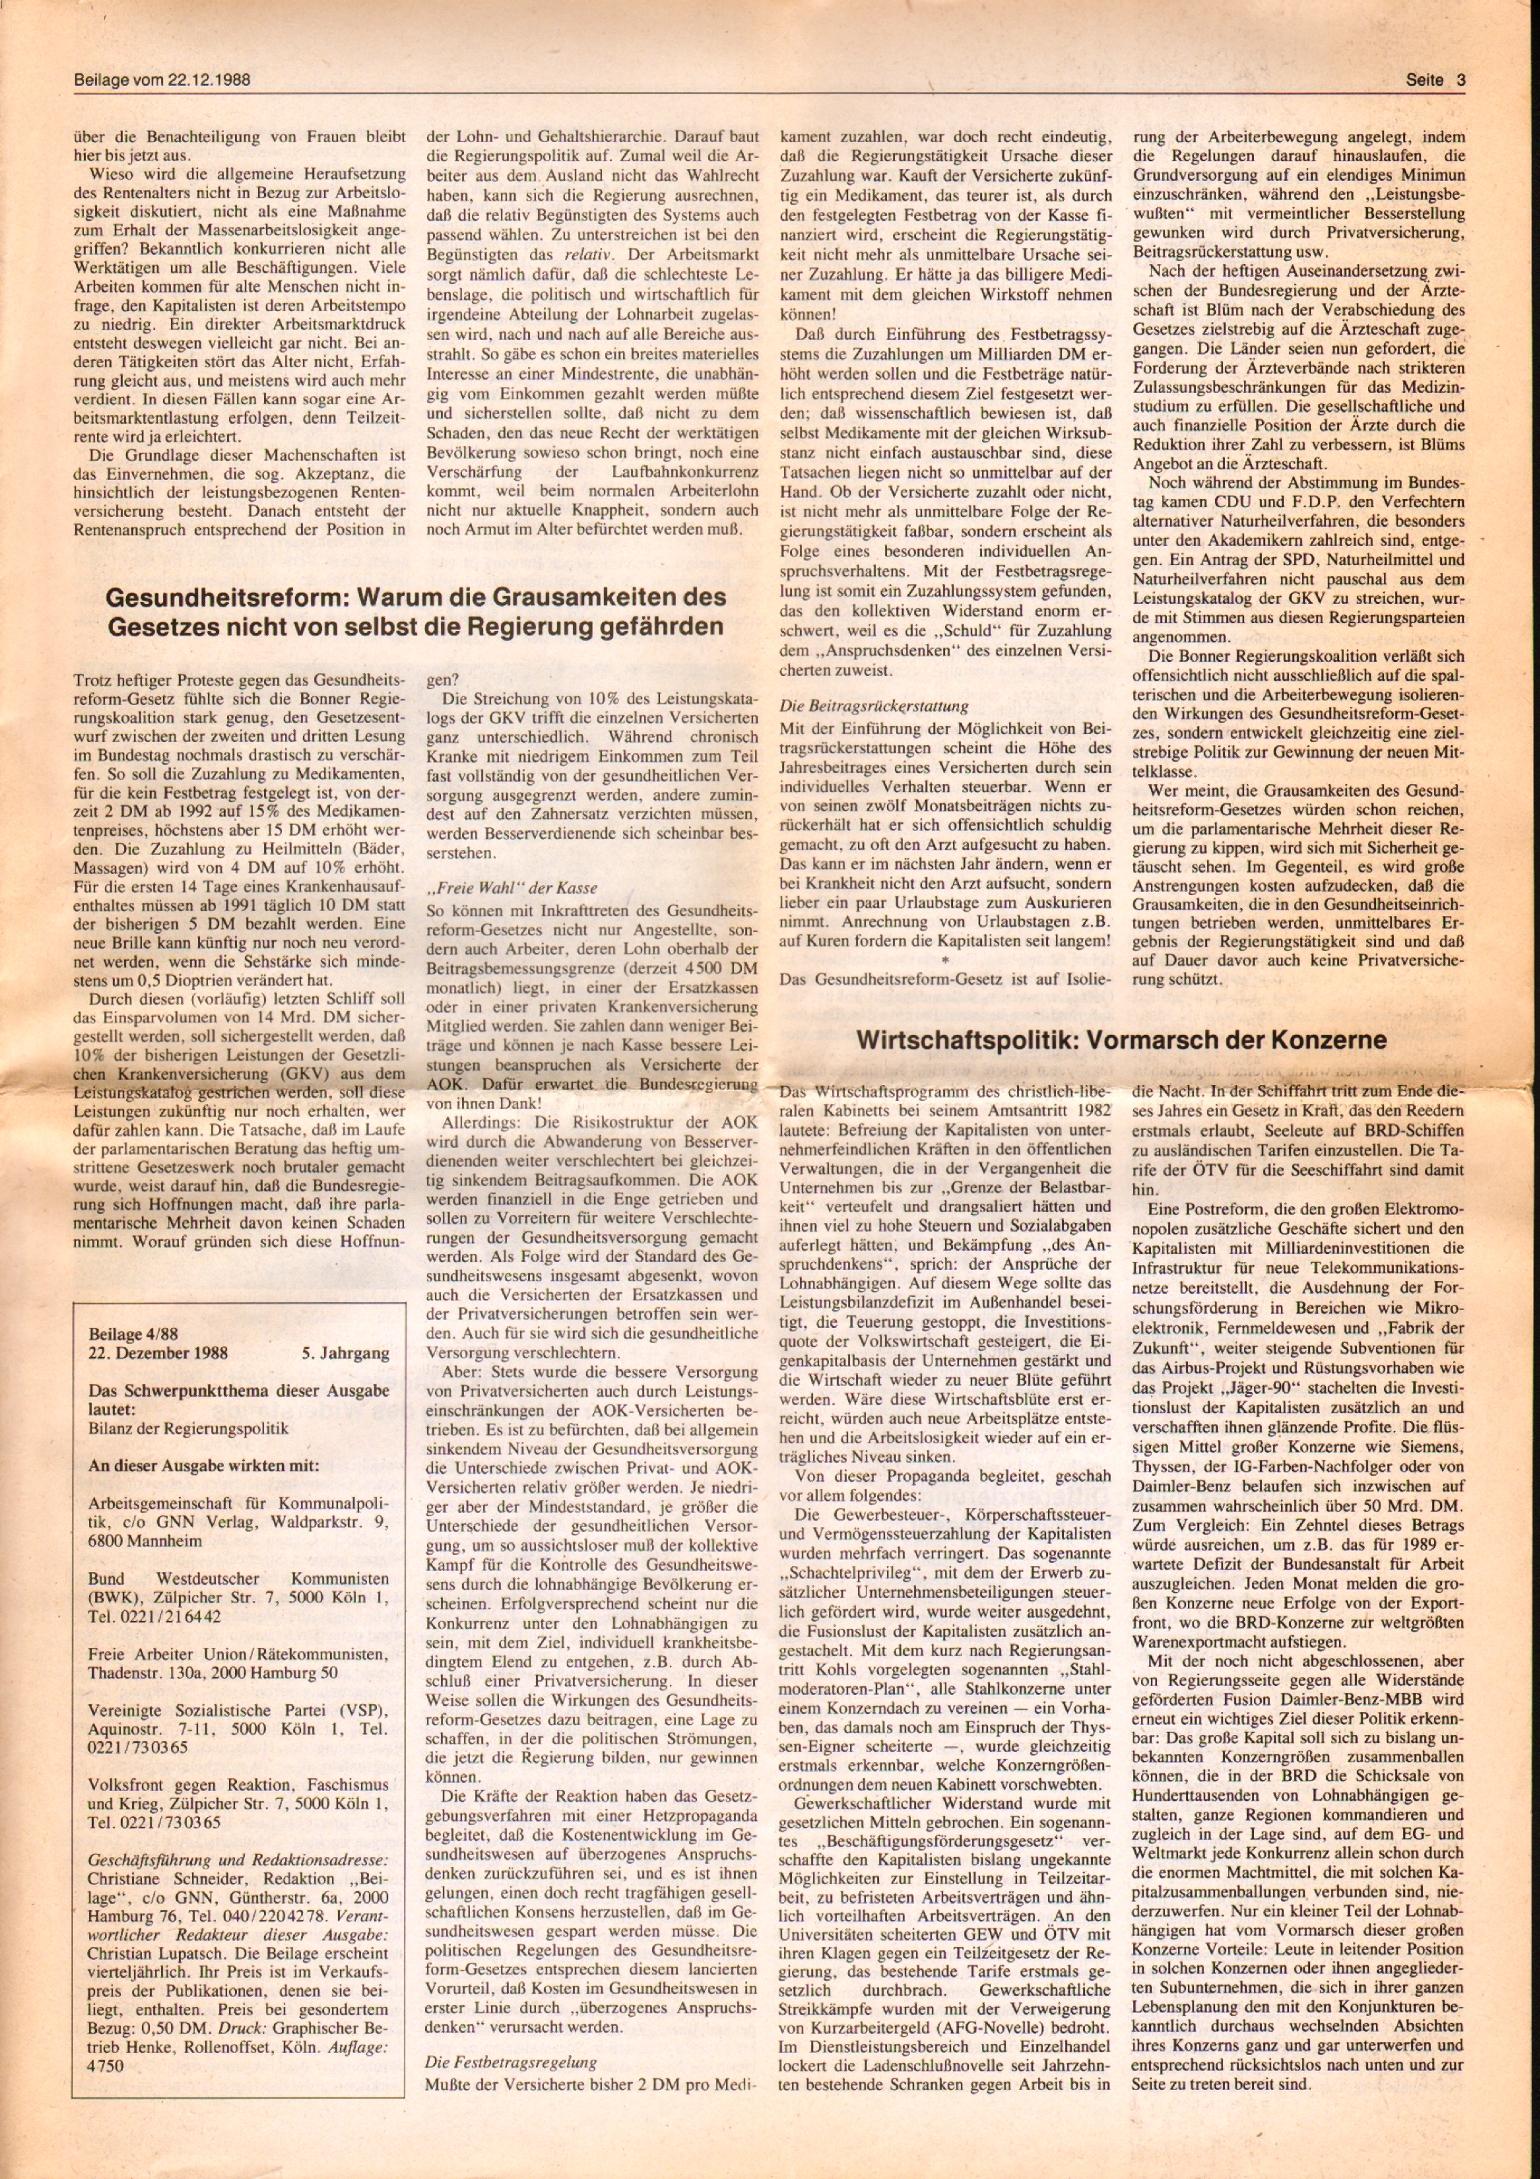 Gemeinsame_Beilage_1988_04_03